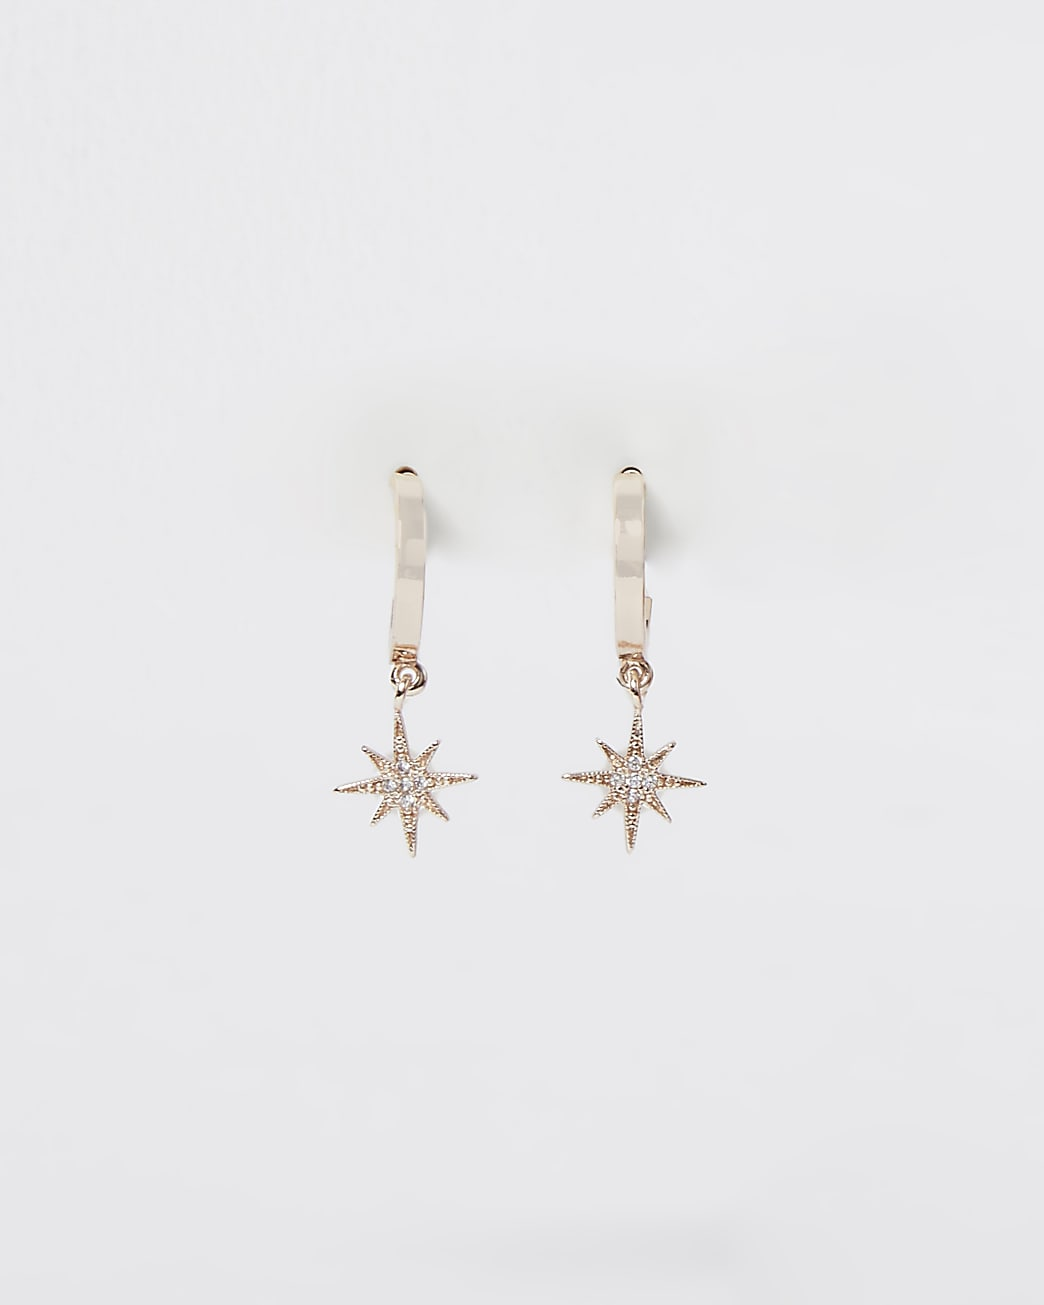 Gold rhinestone starburst drop hoop earrings